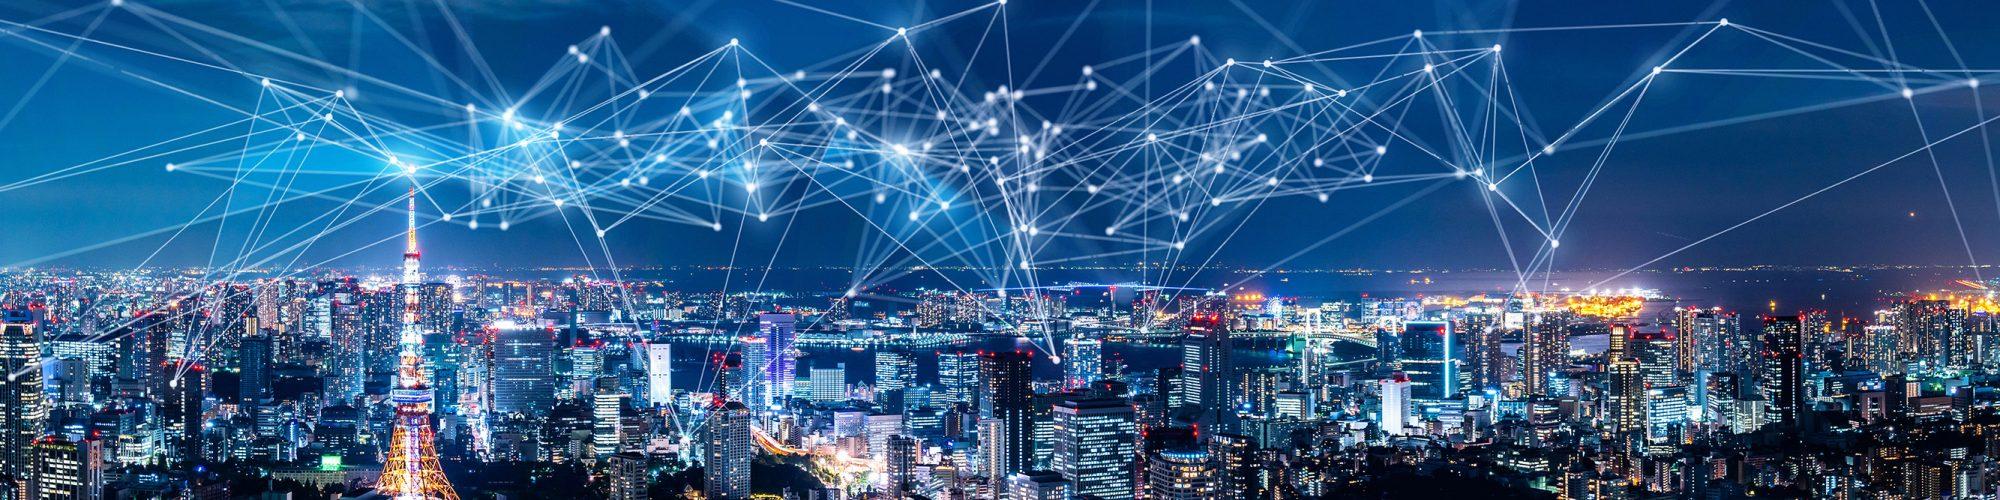 Smart Regions & Connected Communities